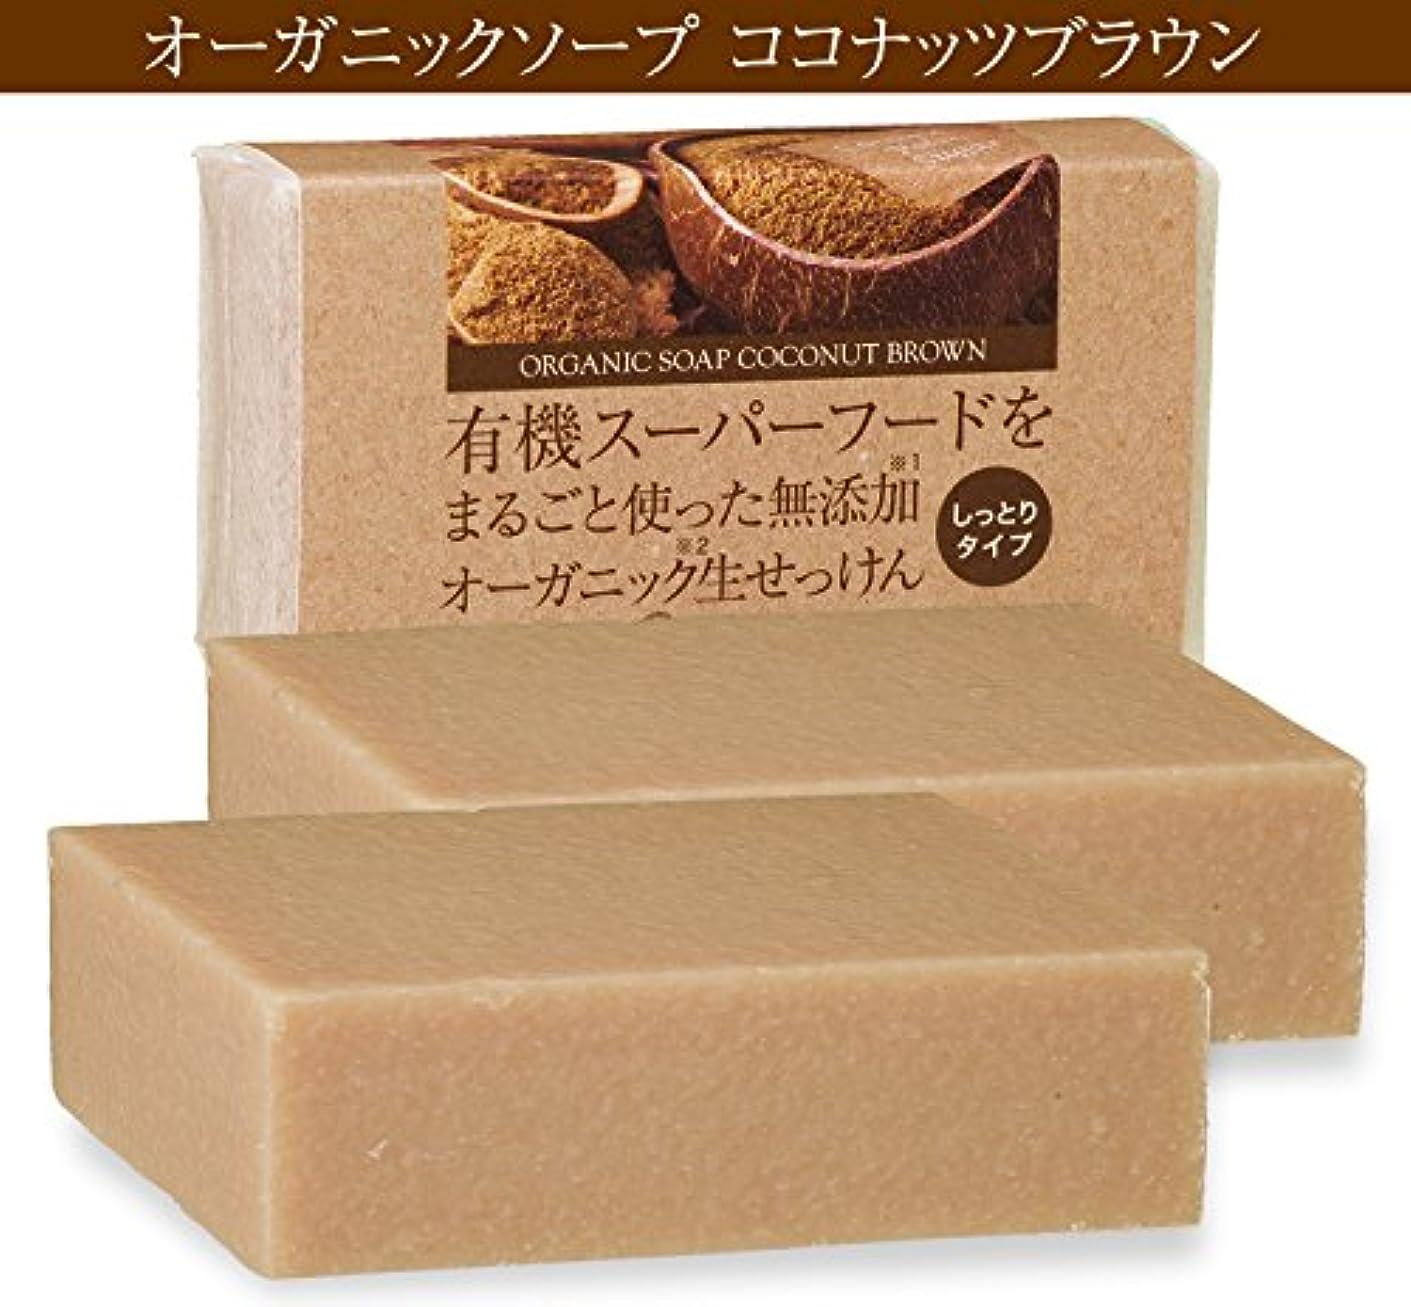 順応性のあるくるみポータルココナッツシュガー石鹸 2個 有機ココナッツオイルをまるごと使った無添加オーガニック生せっけん(枠練)Organic Raw Soap Coconut Brown 80g コールドプロセス製法 (日本製)メール便